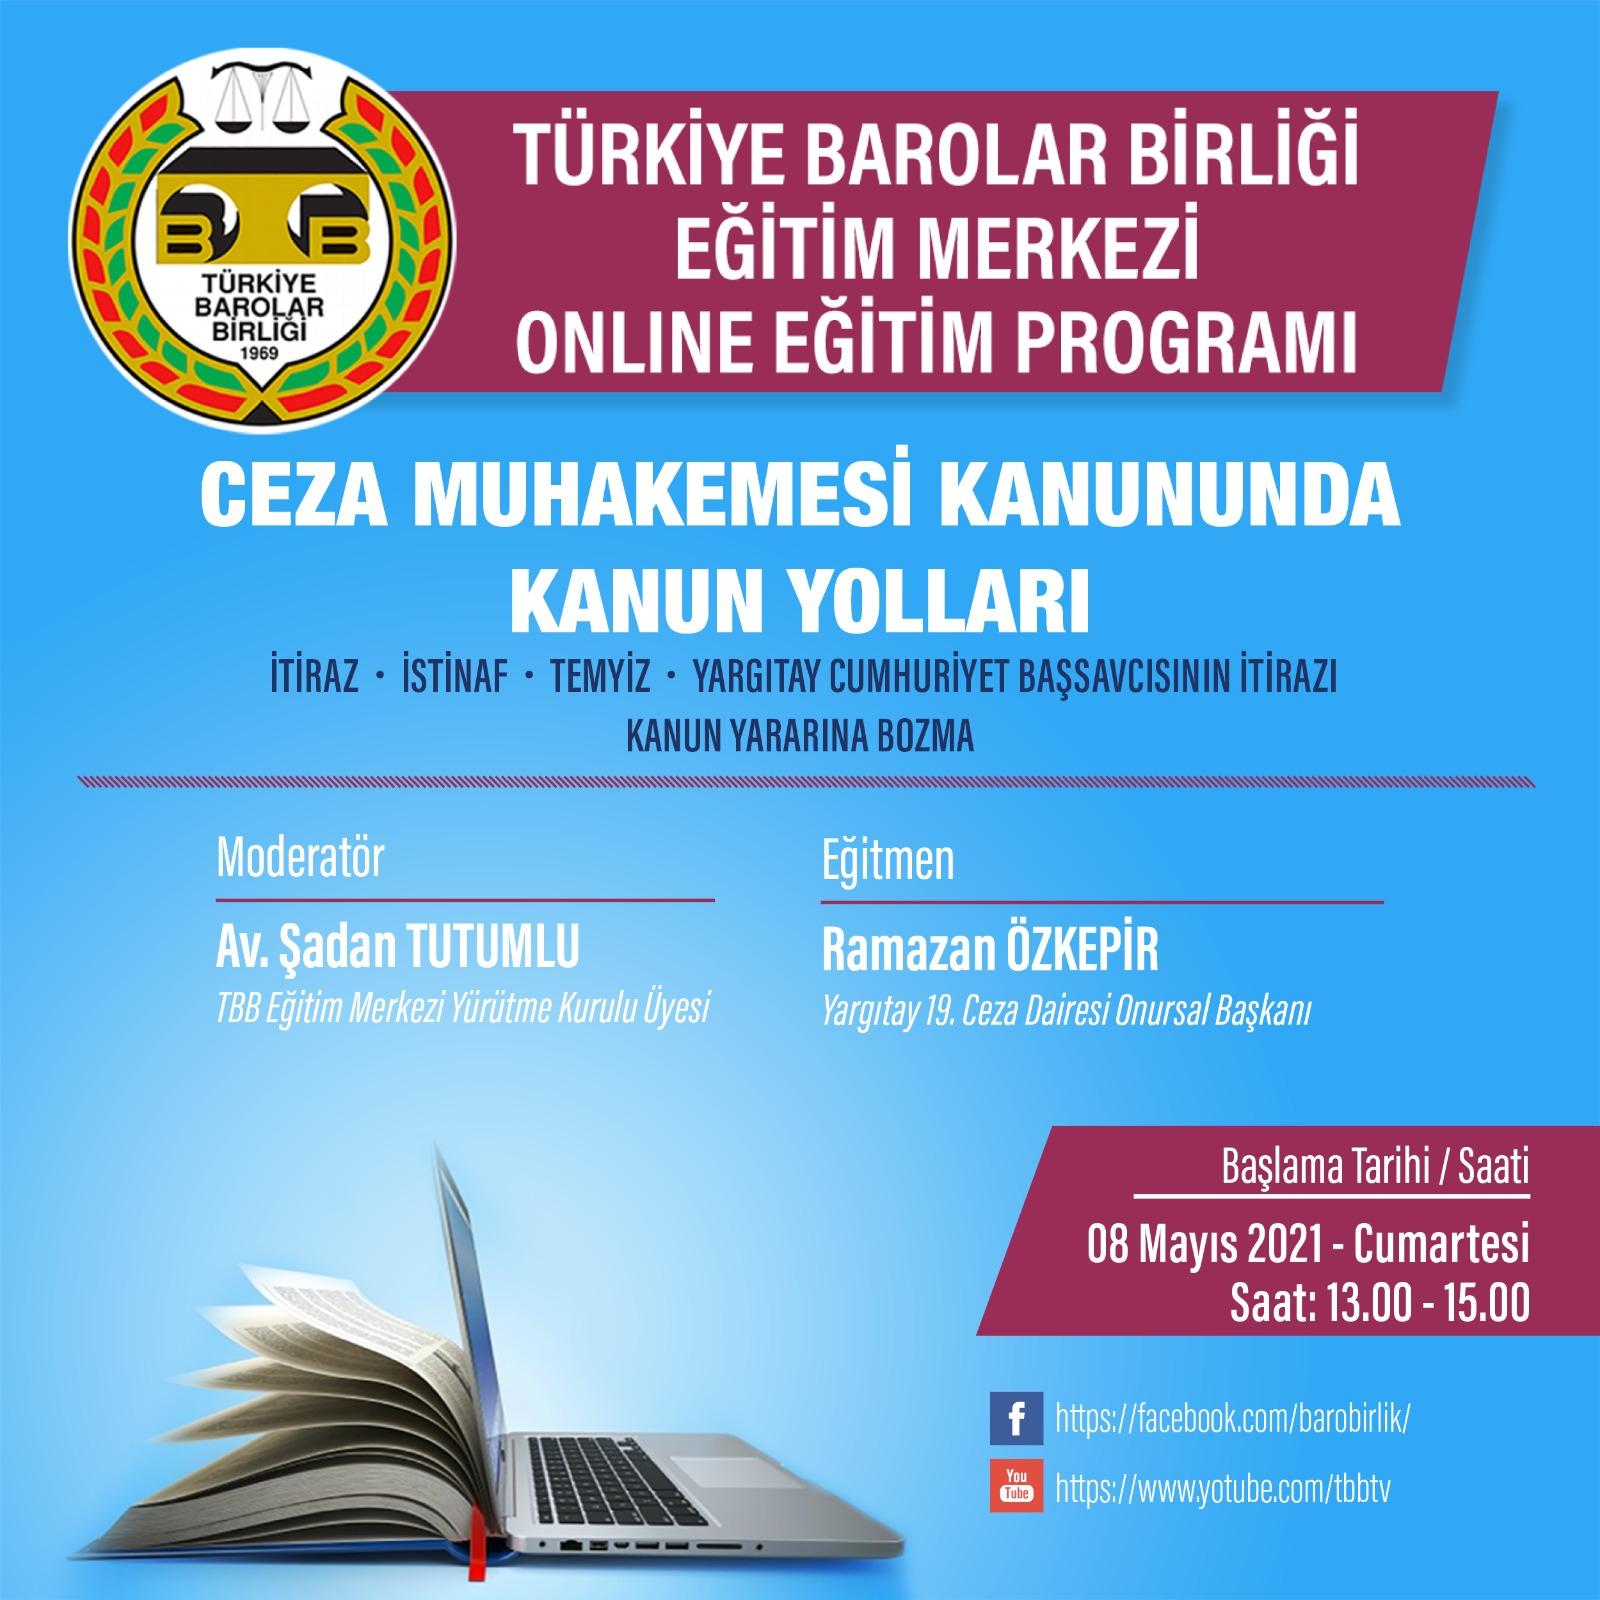 TBB Eğitim Merkezi Online Eğitim 08.05.2021